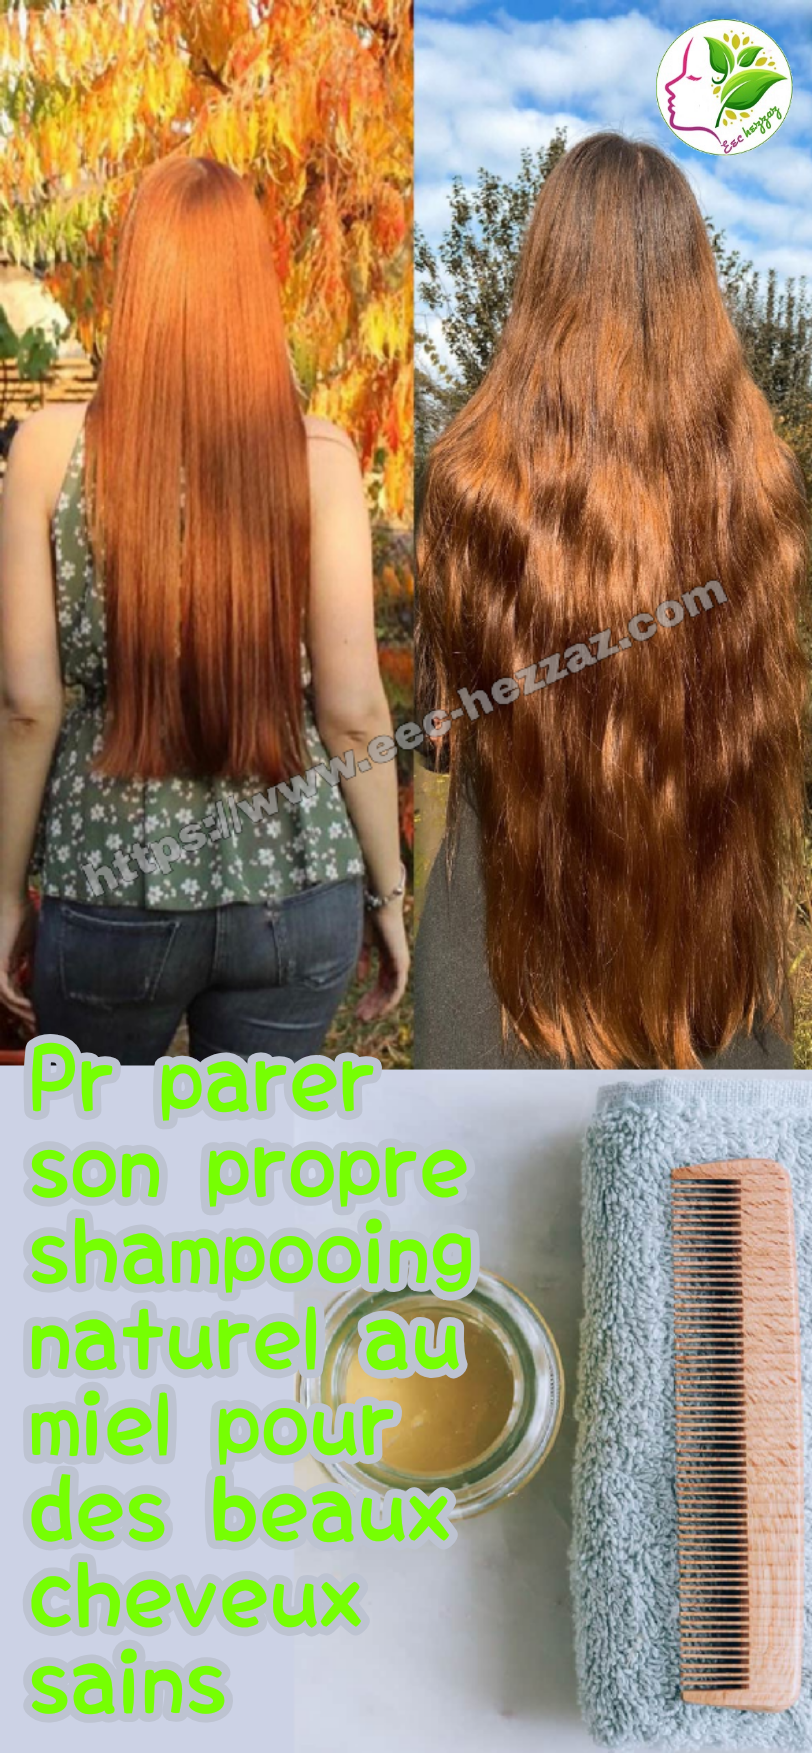 Préparer son propre shampooing naturel au miel pour des beaux cheveux sains